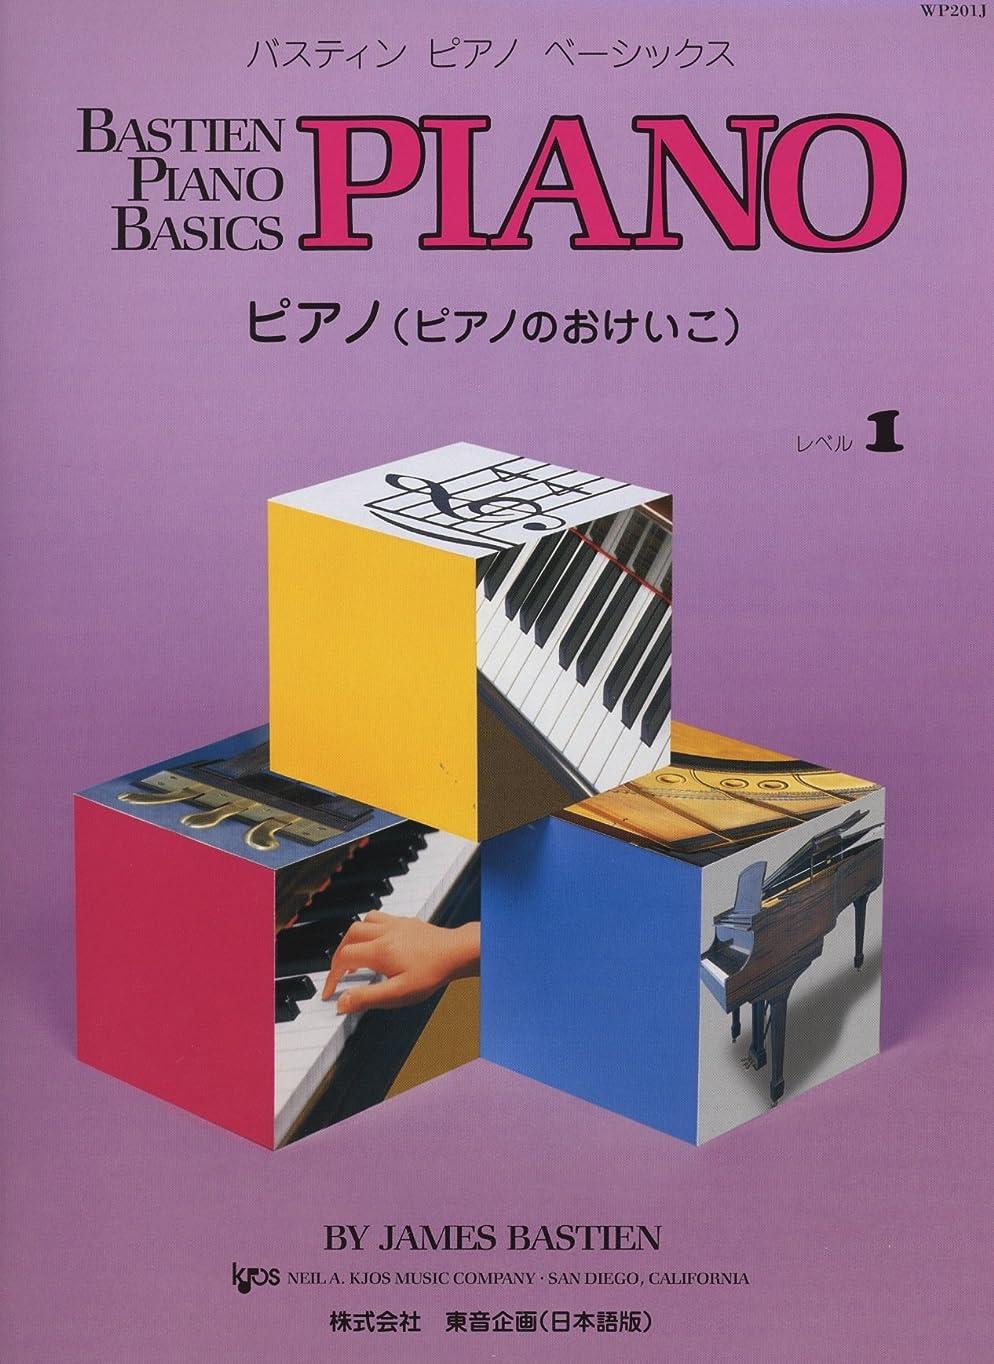 インペリアル名前を作るアルネWP201J バスティンピアノベーシックス ピアノ(ピアノのおけいこ) レベル1